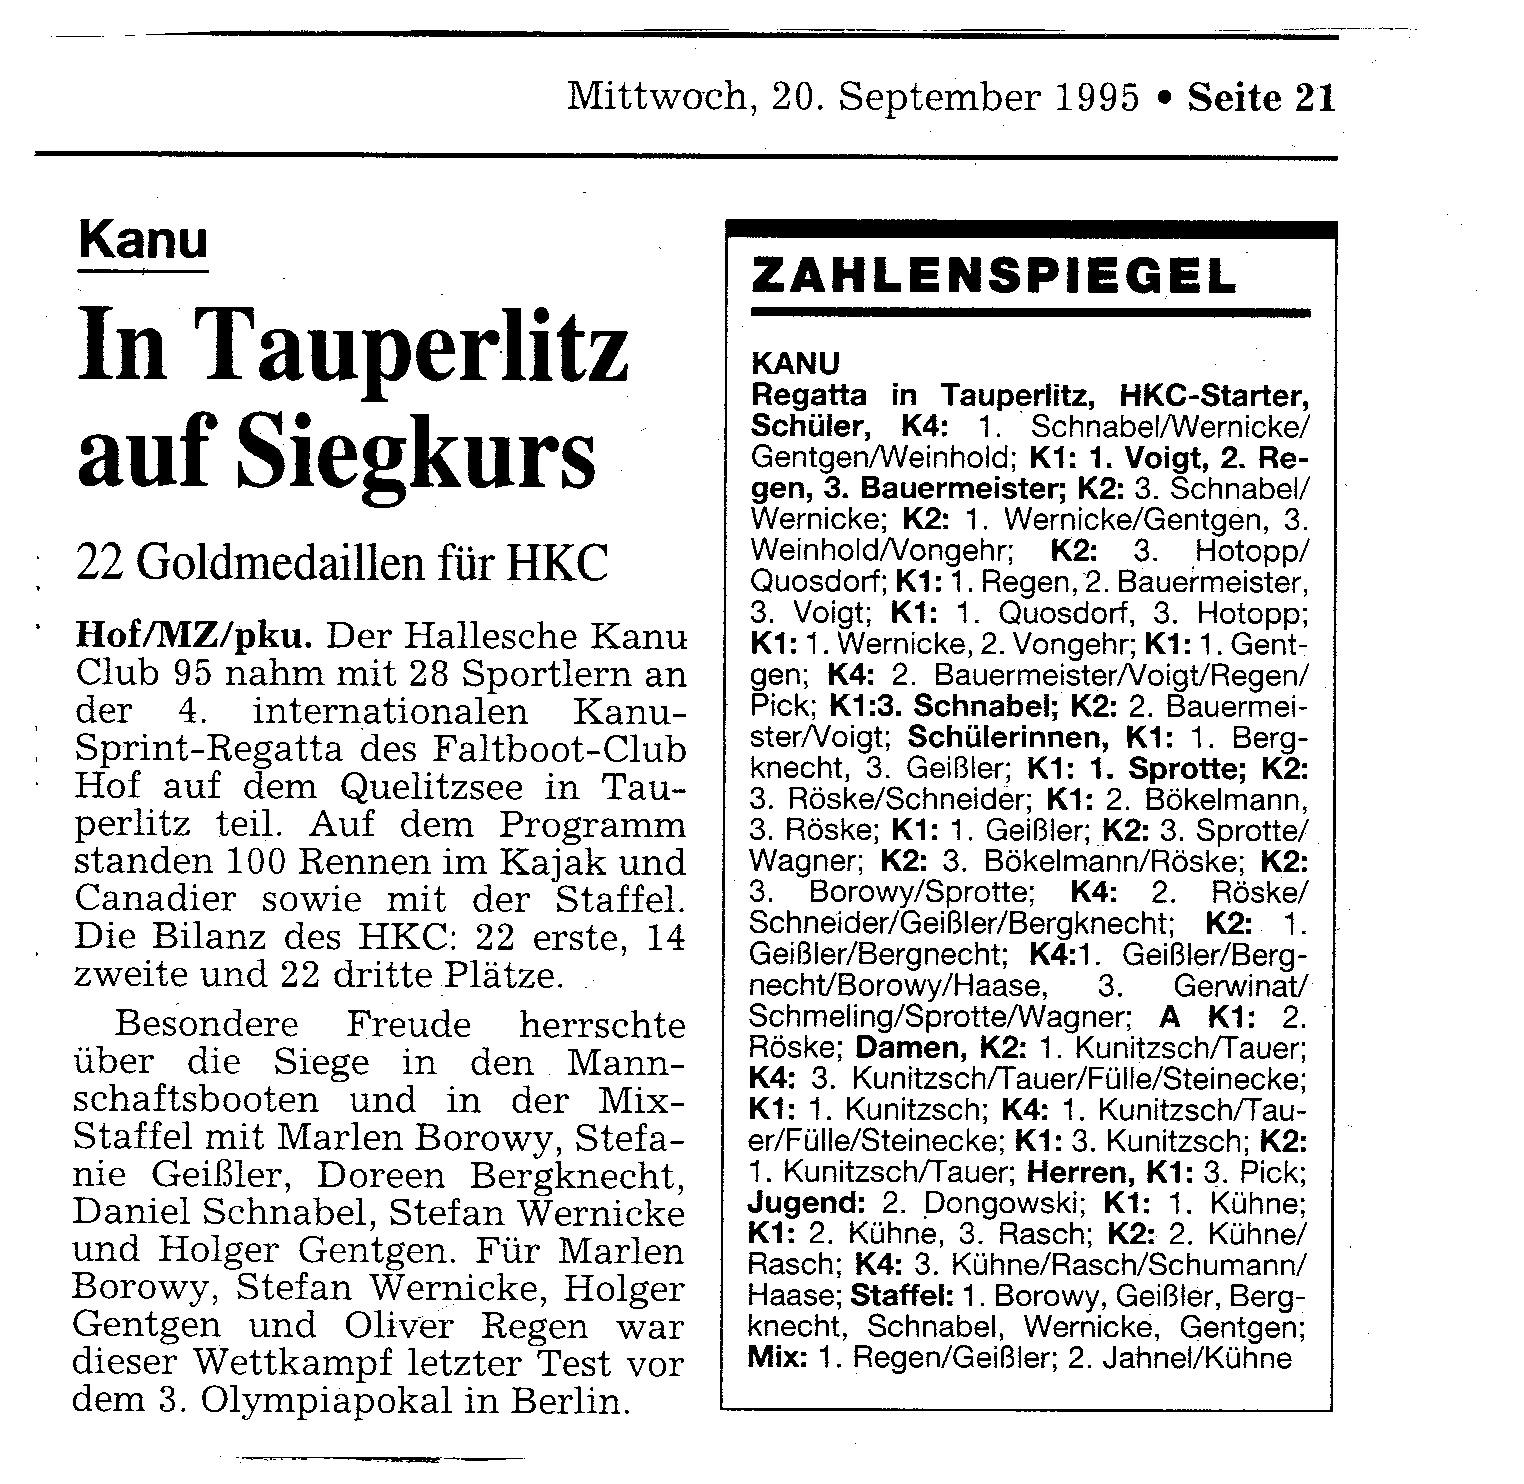 1995-09-20 MZ In Tauperlitz auf siegkurs